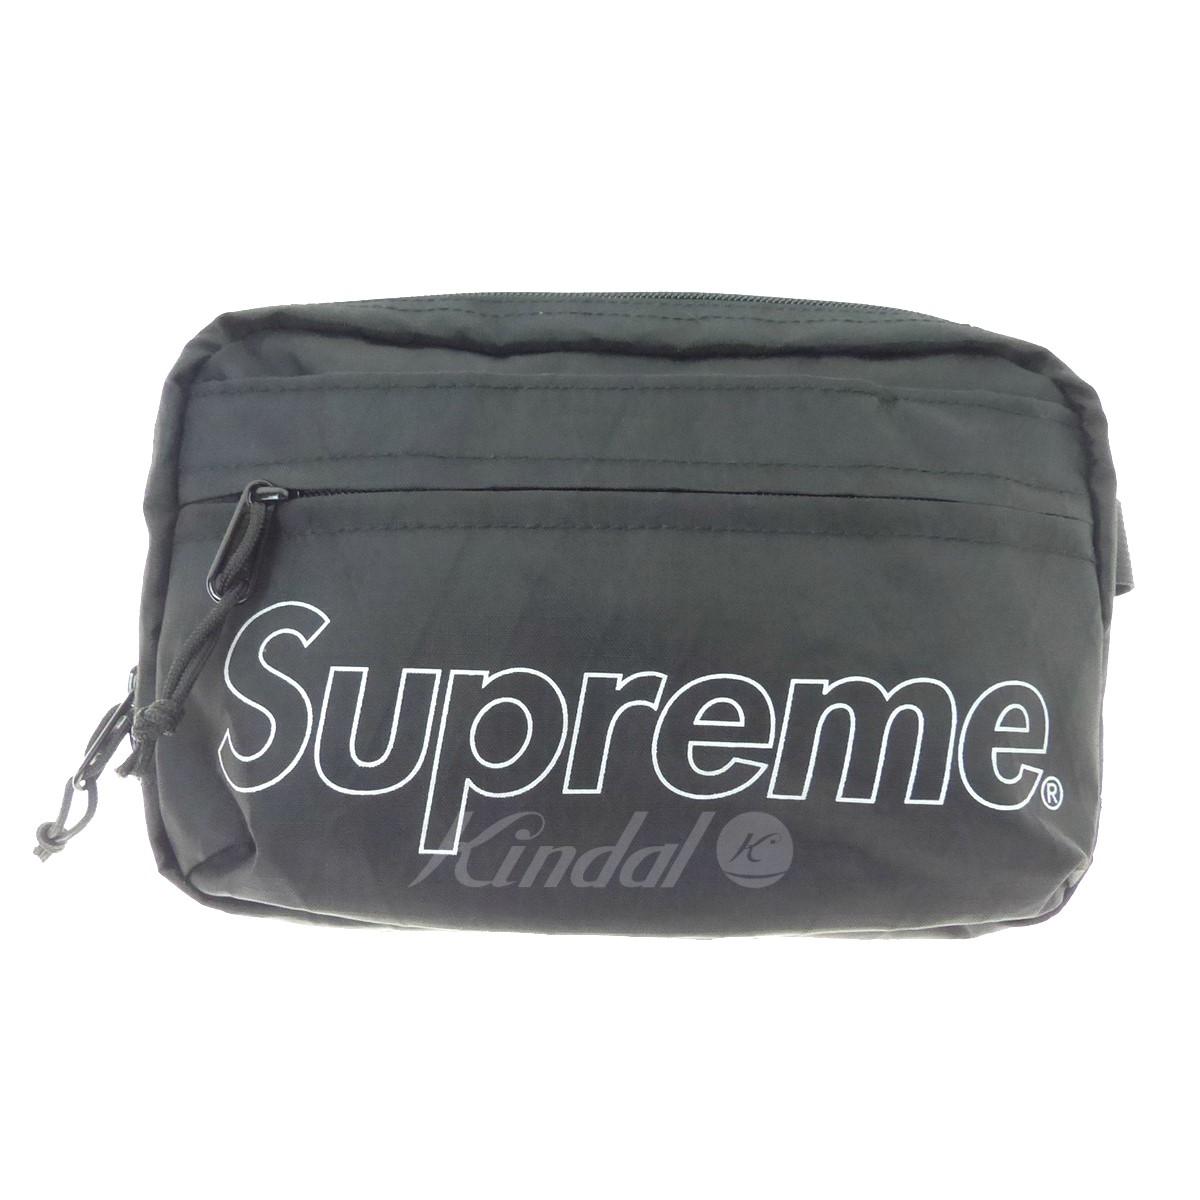 【中古】SUPREME 18AW Shoulder Bag ショルダーバッグ ブラック サイズ:- 【送料無料】 【231018】(シュプリーム)